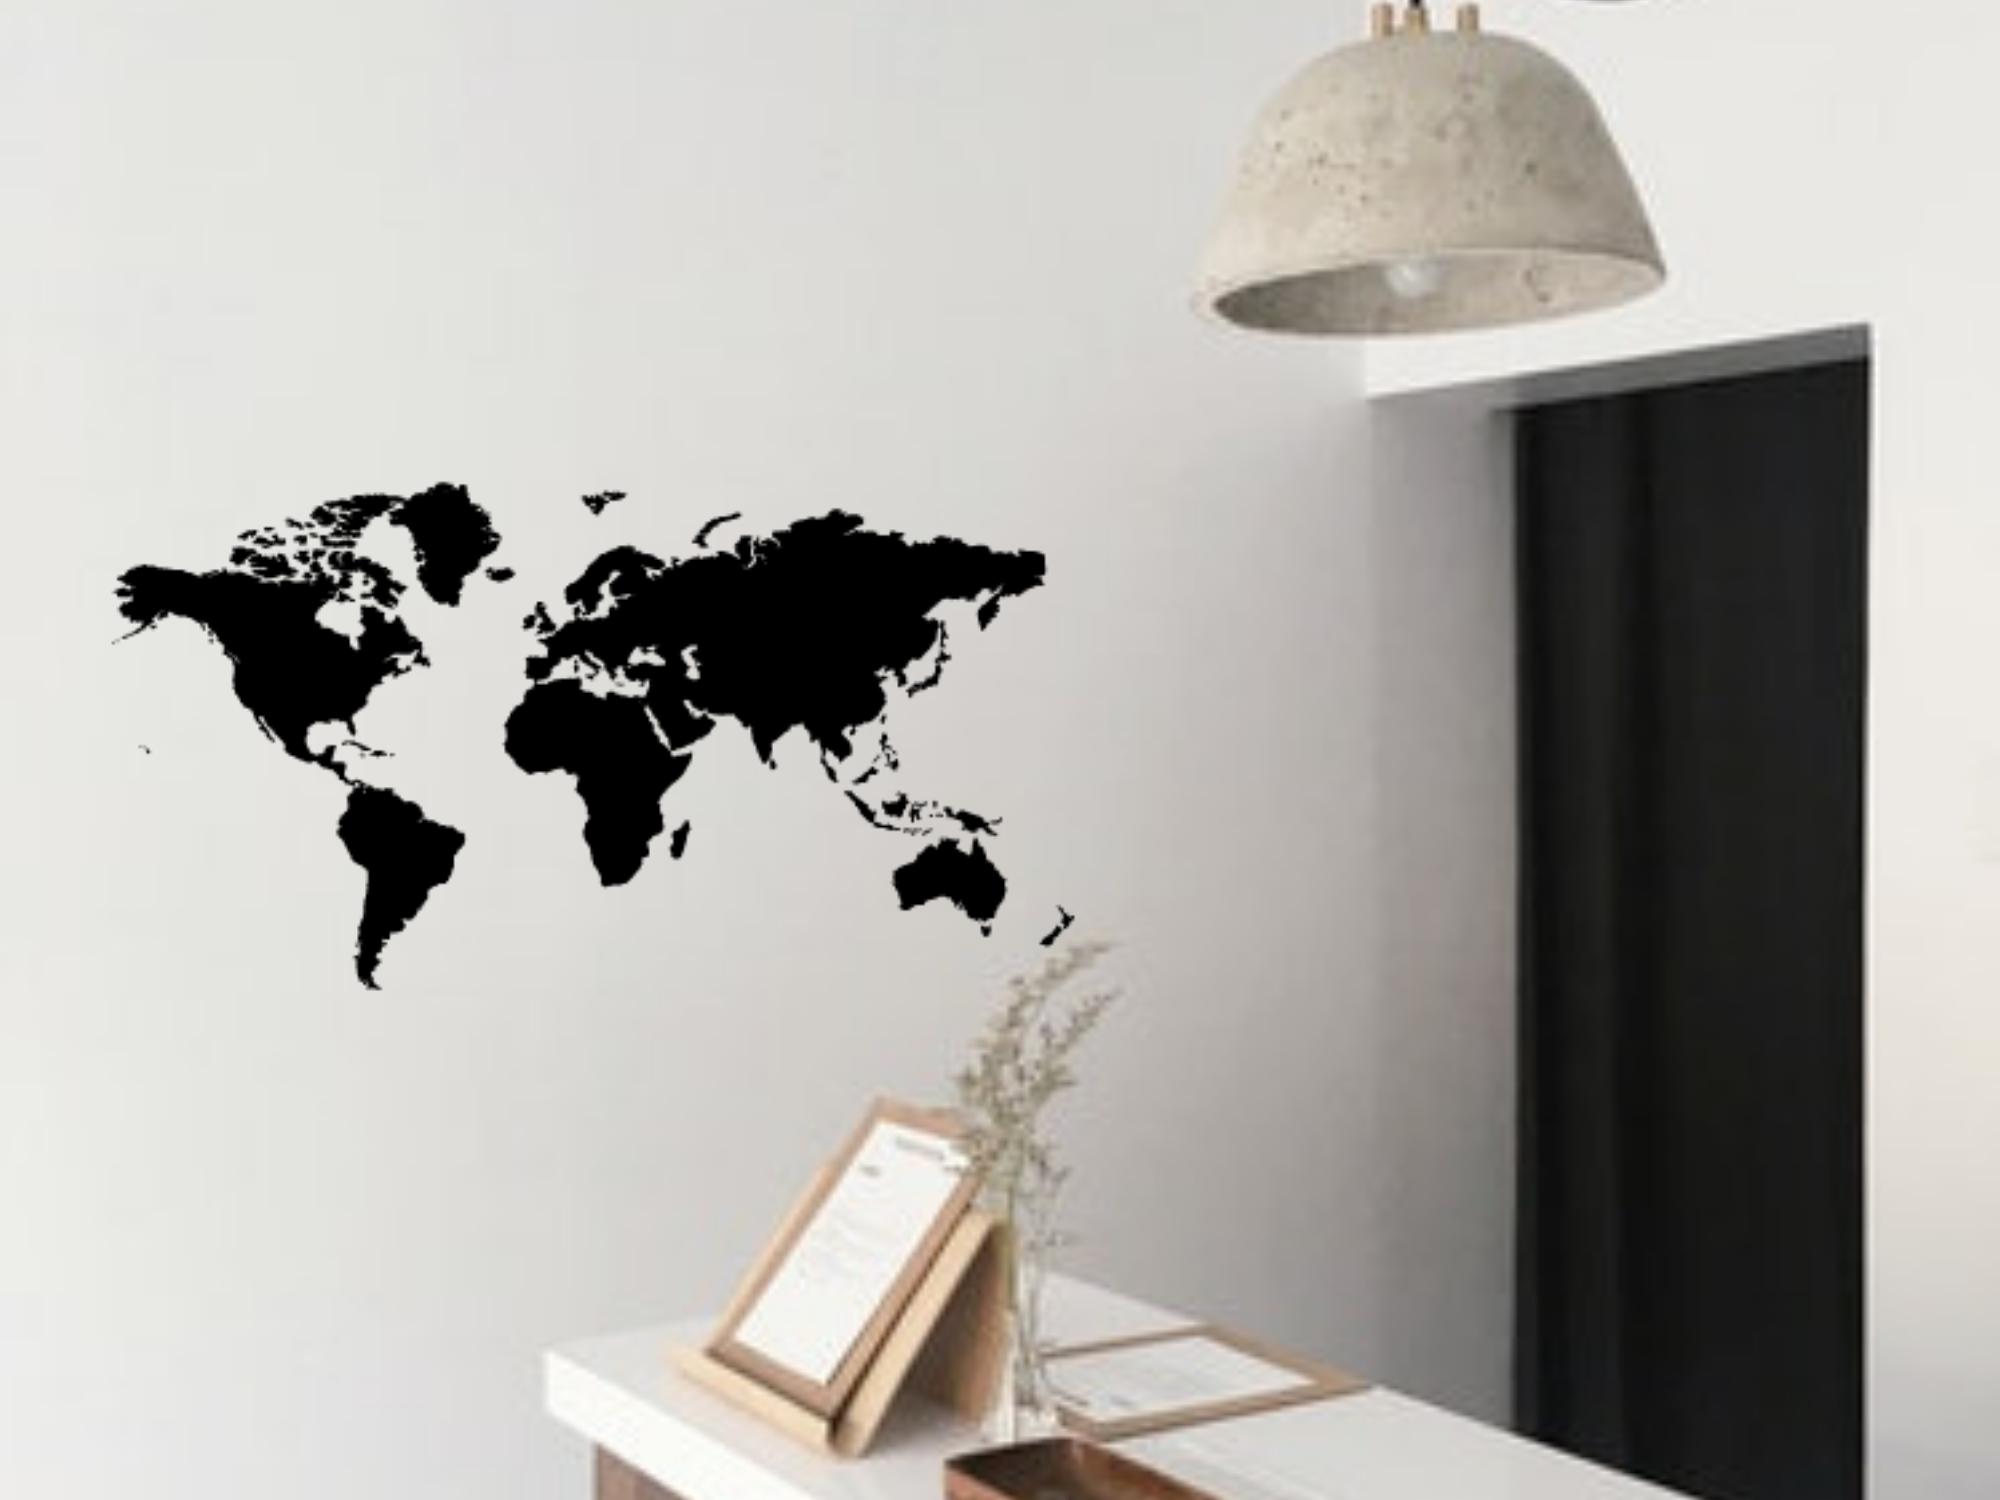 Sticker Planisphère, décoration idéal pour votre intérieur